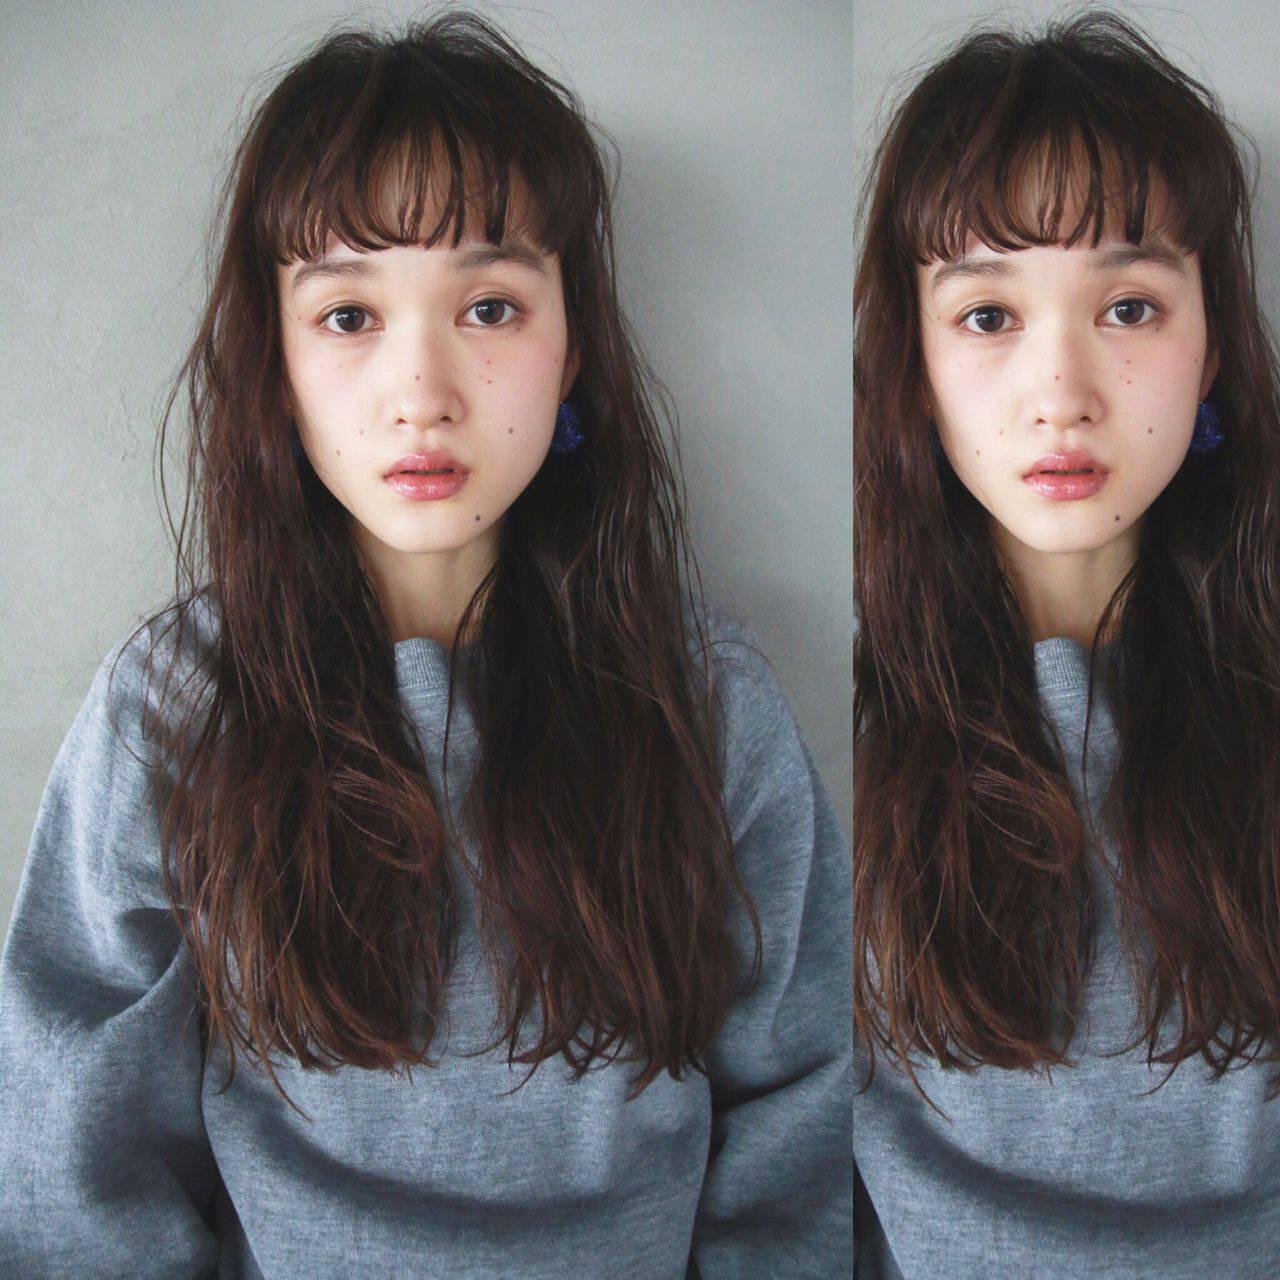 ロング ナチュラル ショートバング シースルーバングヘアスタイルや髪型の写真・画像